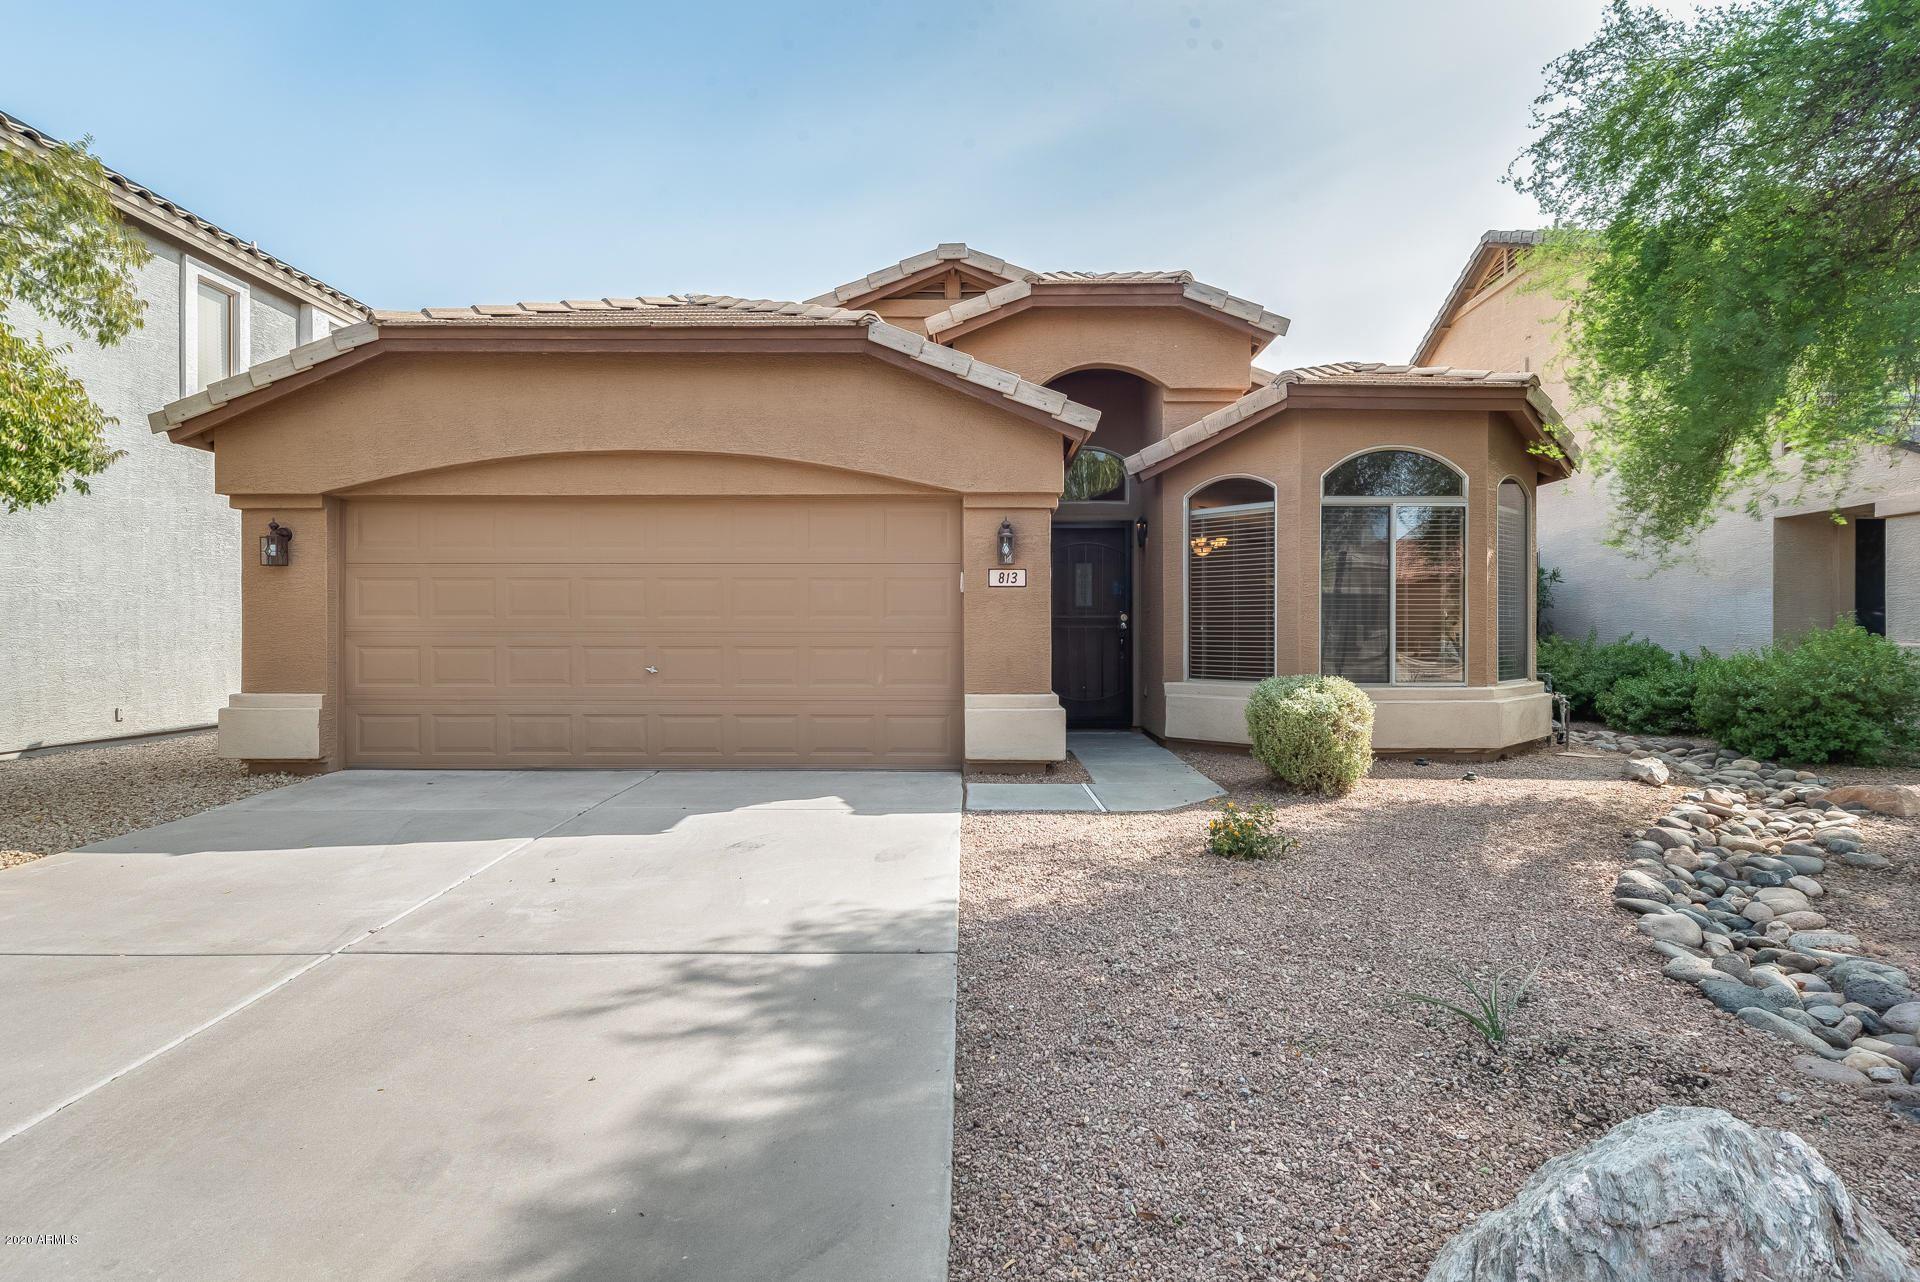 813 E LOVEGRASS Drive, San Tan Valley, AZ 85143 - MLS#: 6133374